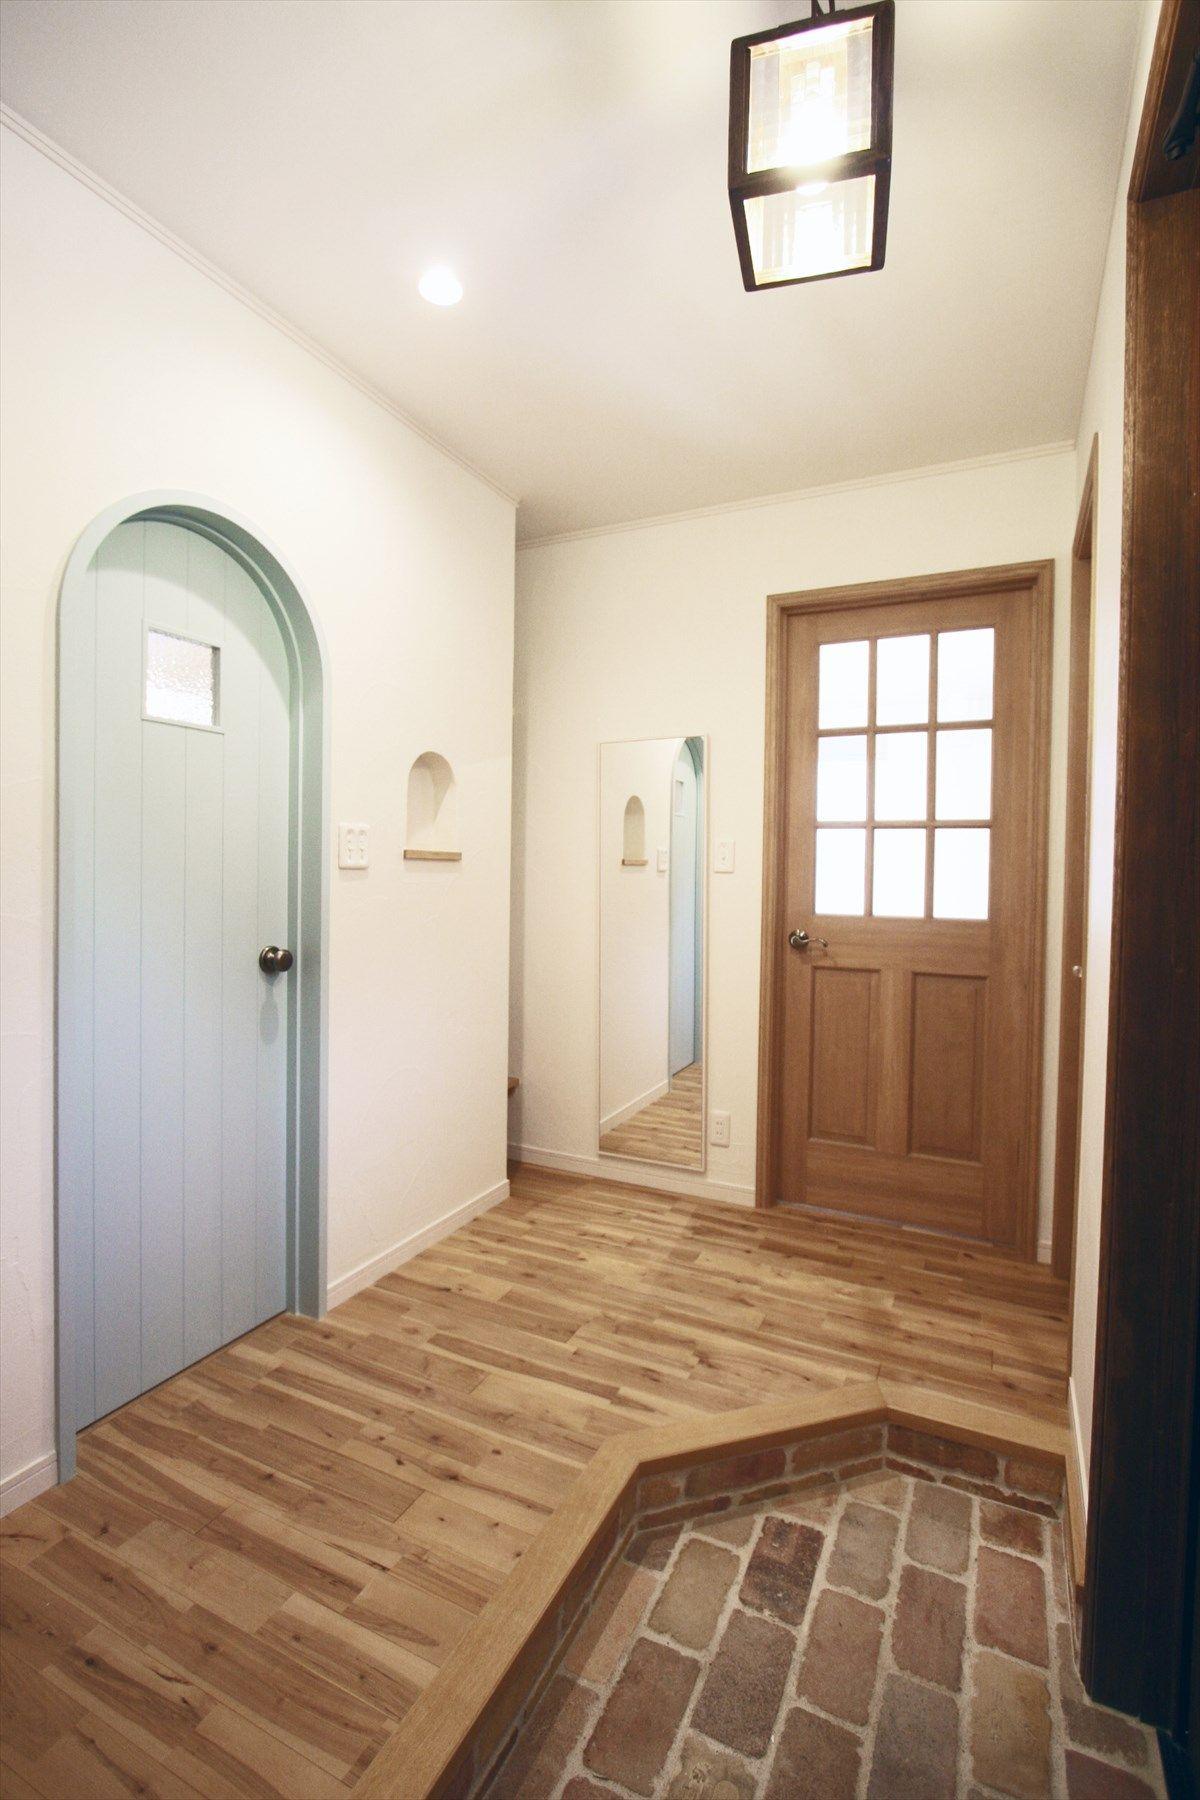 pingl par bertho pascal sur int rieur et rangement interieur et rangement. Black Bedroom Furniture Sets. Home Design Ideas